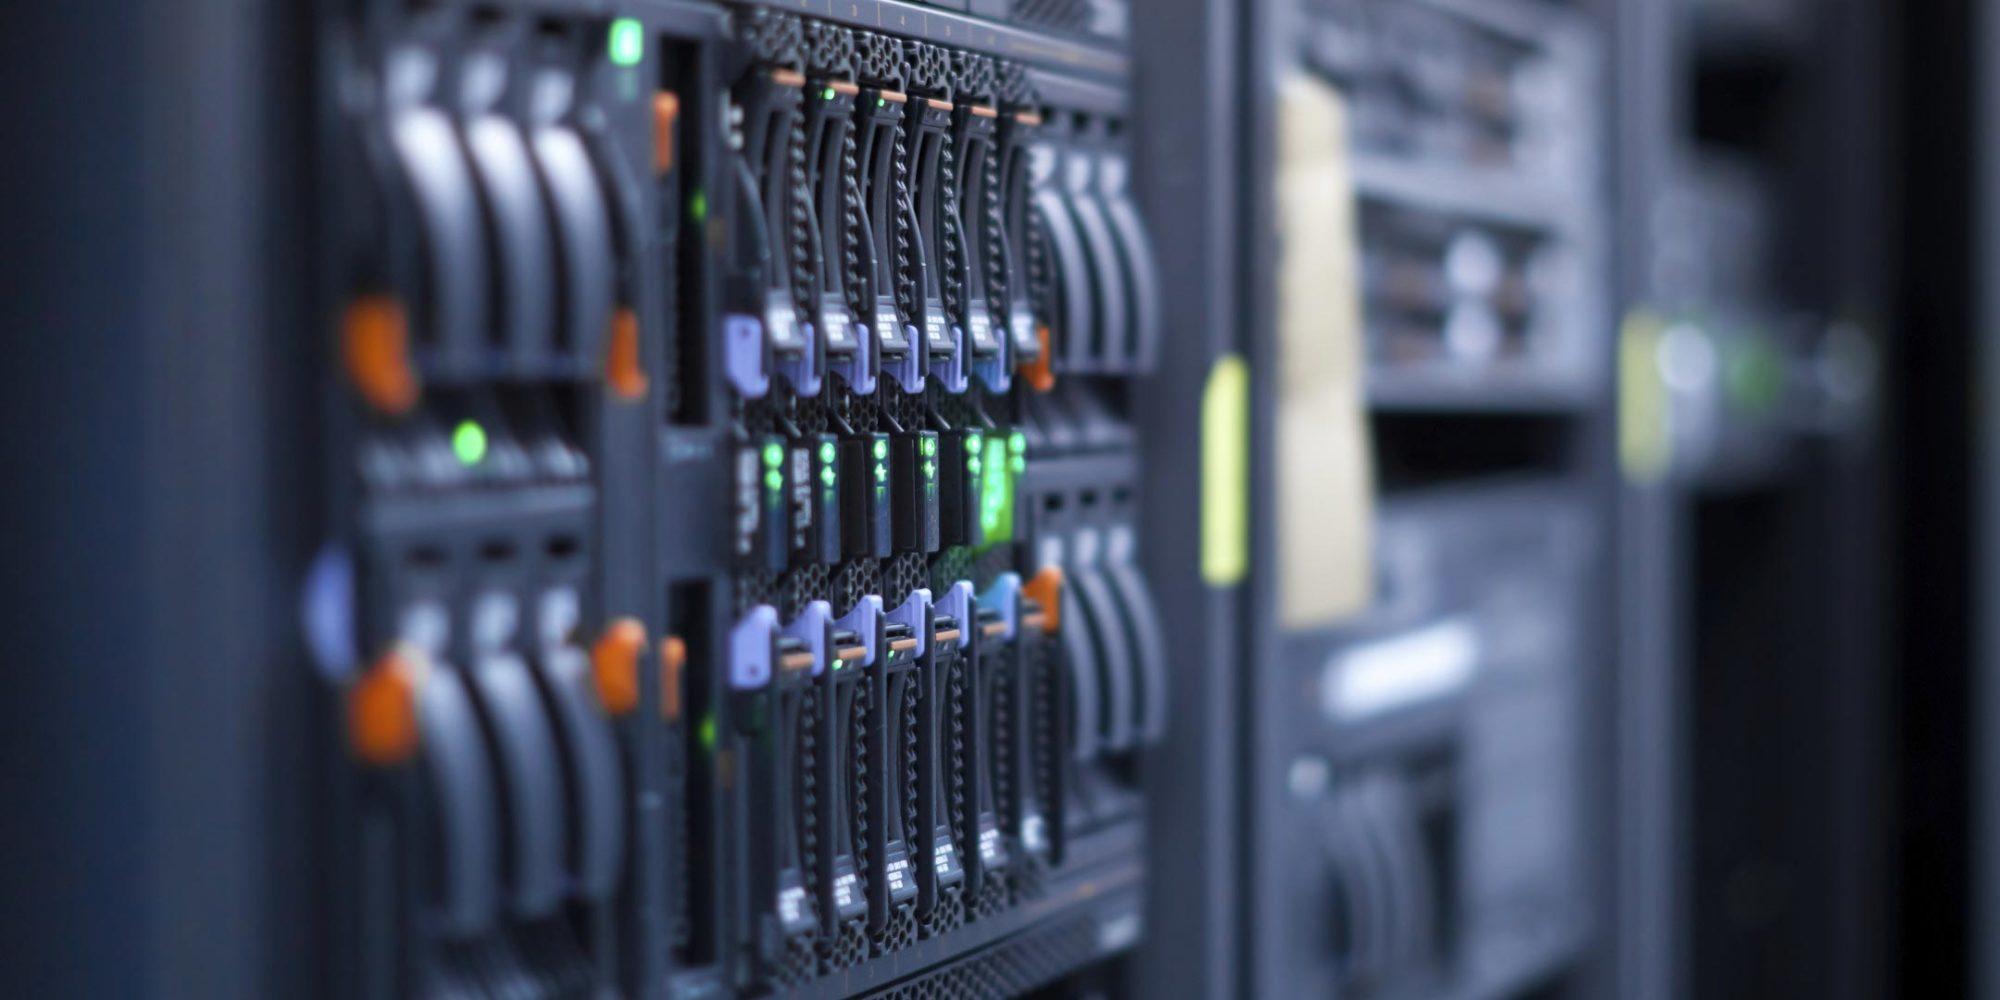 Hébergement web : notre offre est d'un niveau haute disponibilité avec un uptime garanti de 99,99% et une infrastructure réseau de 10Gb/s.